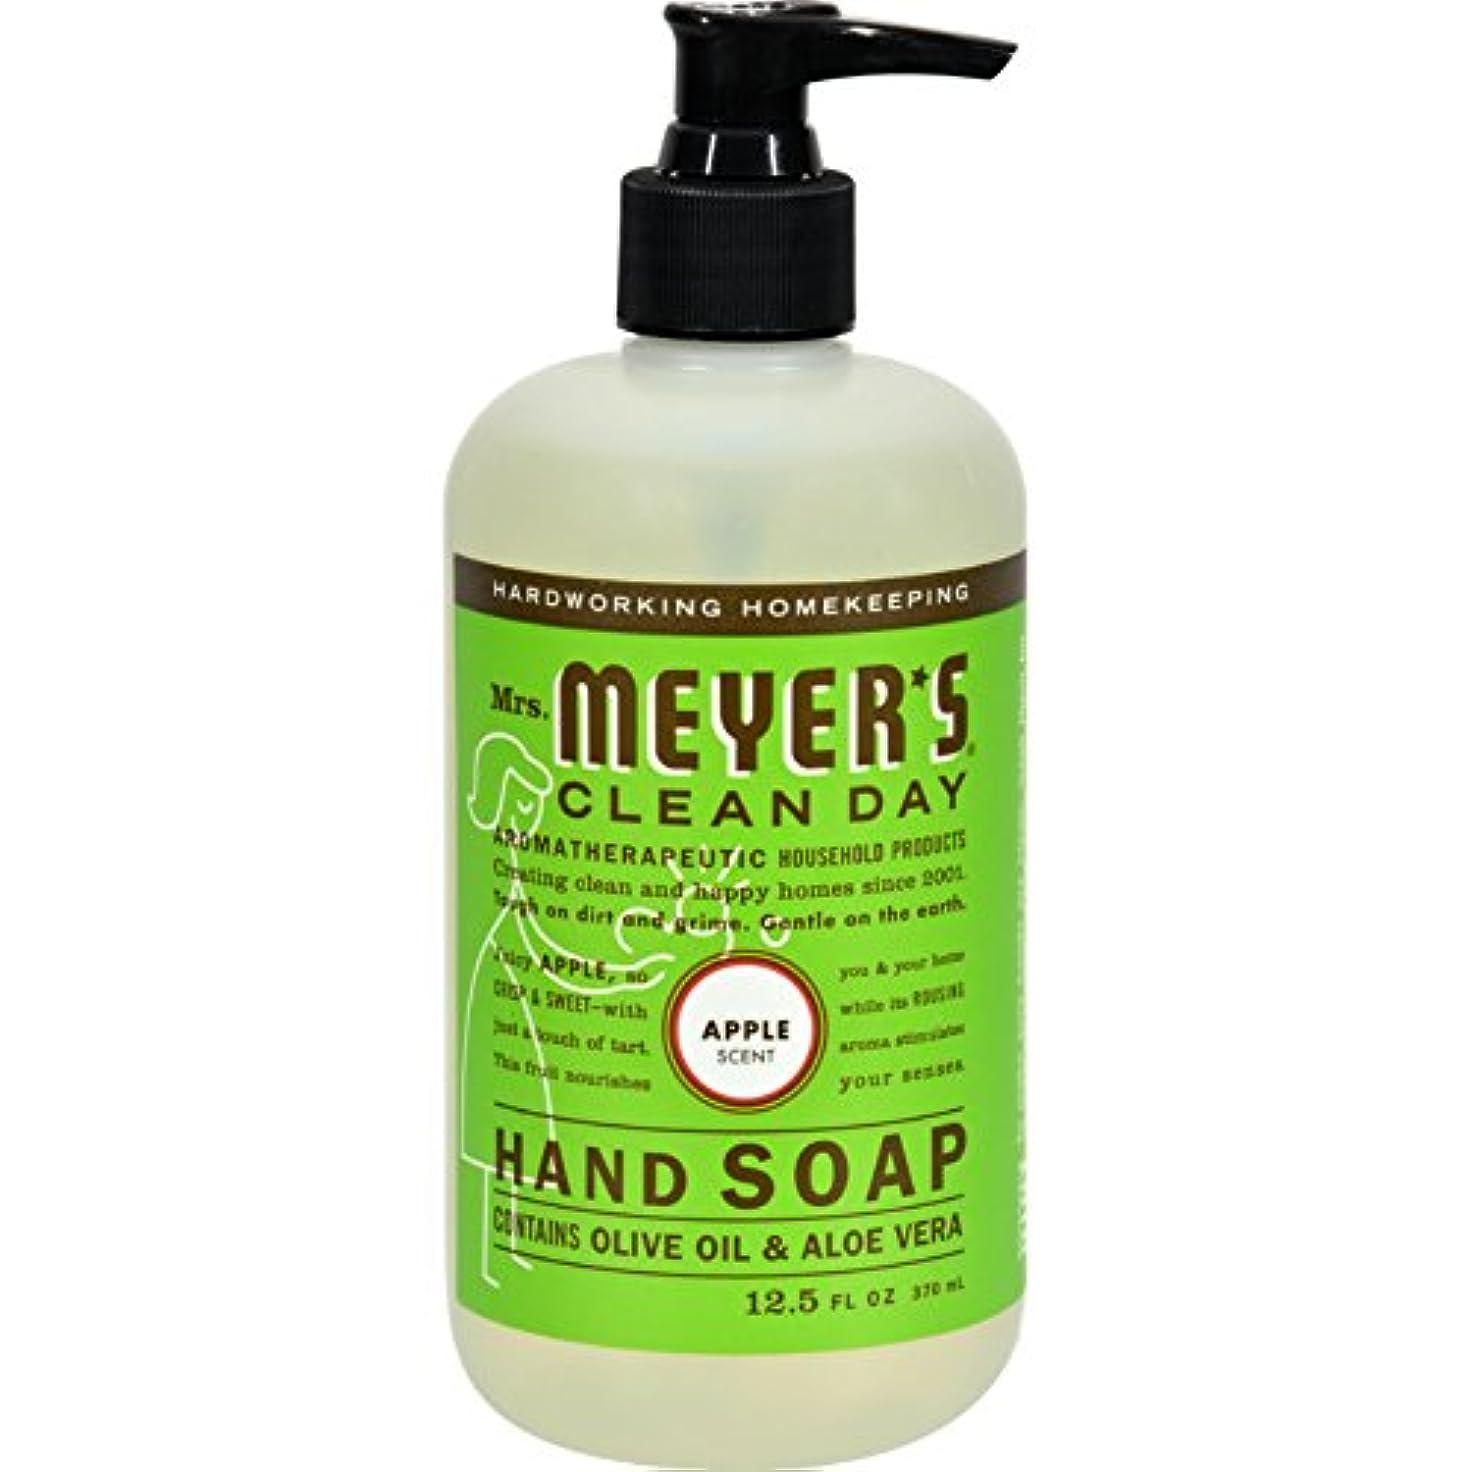 放棄する変化解放するLiquid Hand Soap - Apple - Case of 6 - 12.5 oz by Mrs. Meyer's